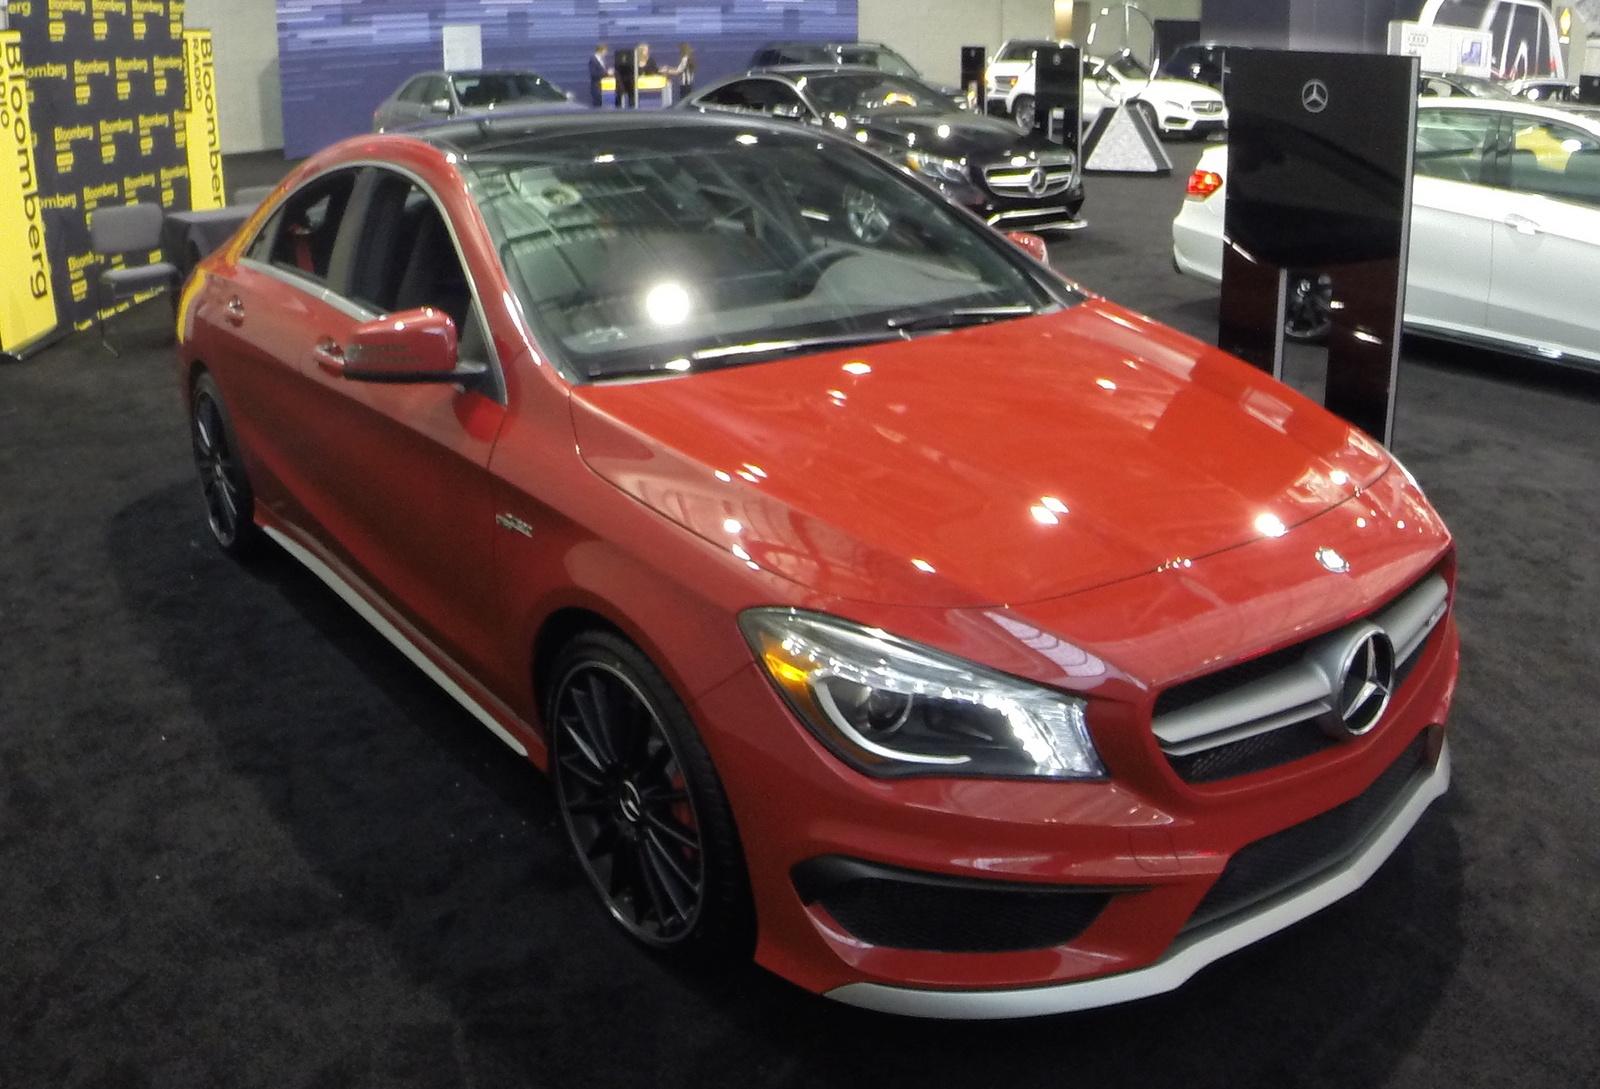 New 2014 2015 mercedes benz cla class for sale miami fl for Mercedes benz for sale in miami